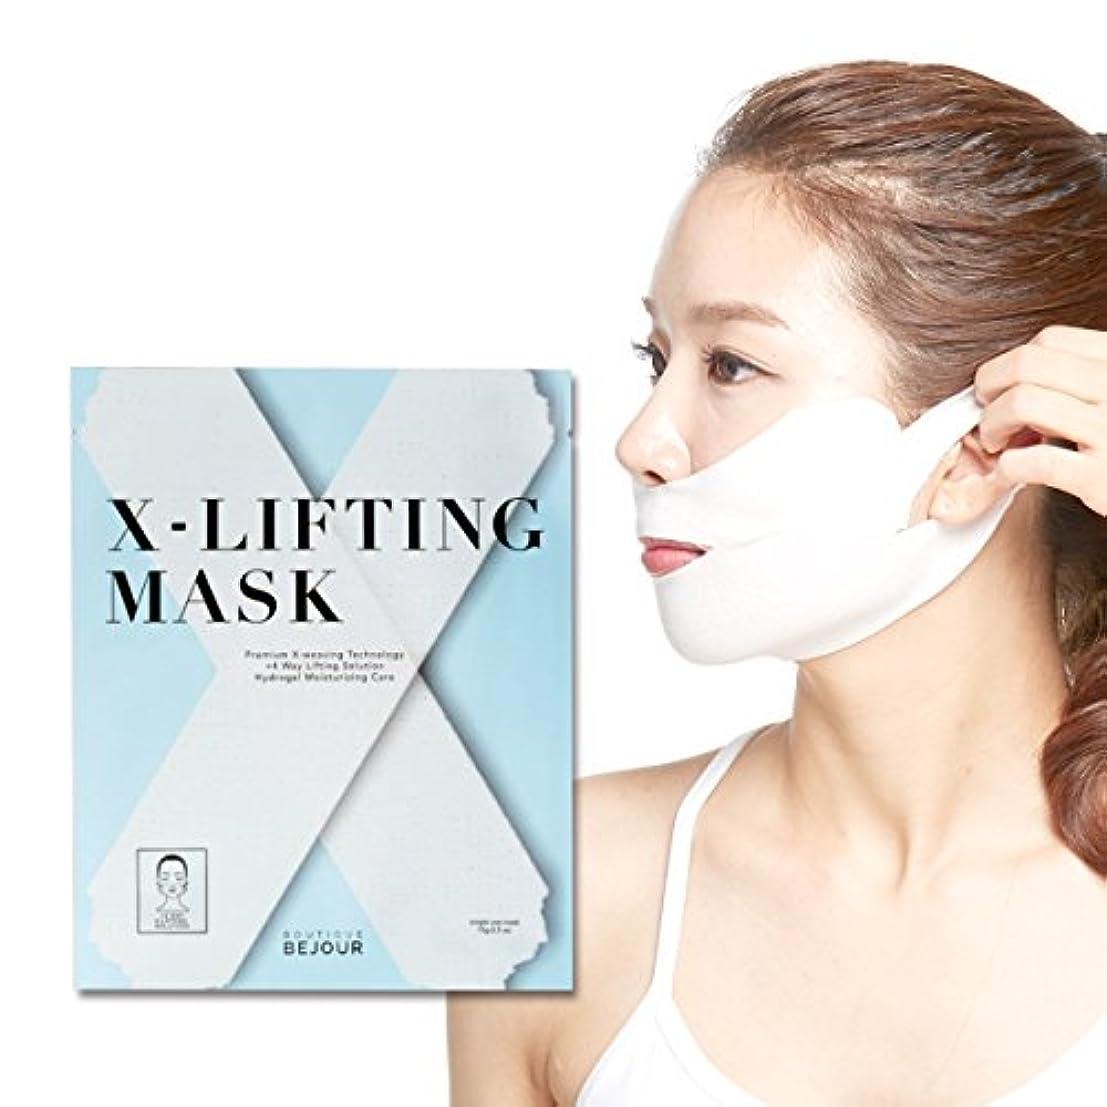 提案するメアリアンジョーンズ気分が良い< ビジュール > X-Lifting (エックスリフティング) マスク [ リフトアップ フェイスマスク フェイスシート フェイスパック フェイシャルマスク シートマスク フェイシャルシート フェイシャルパック ローションマスク...